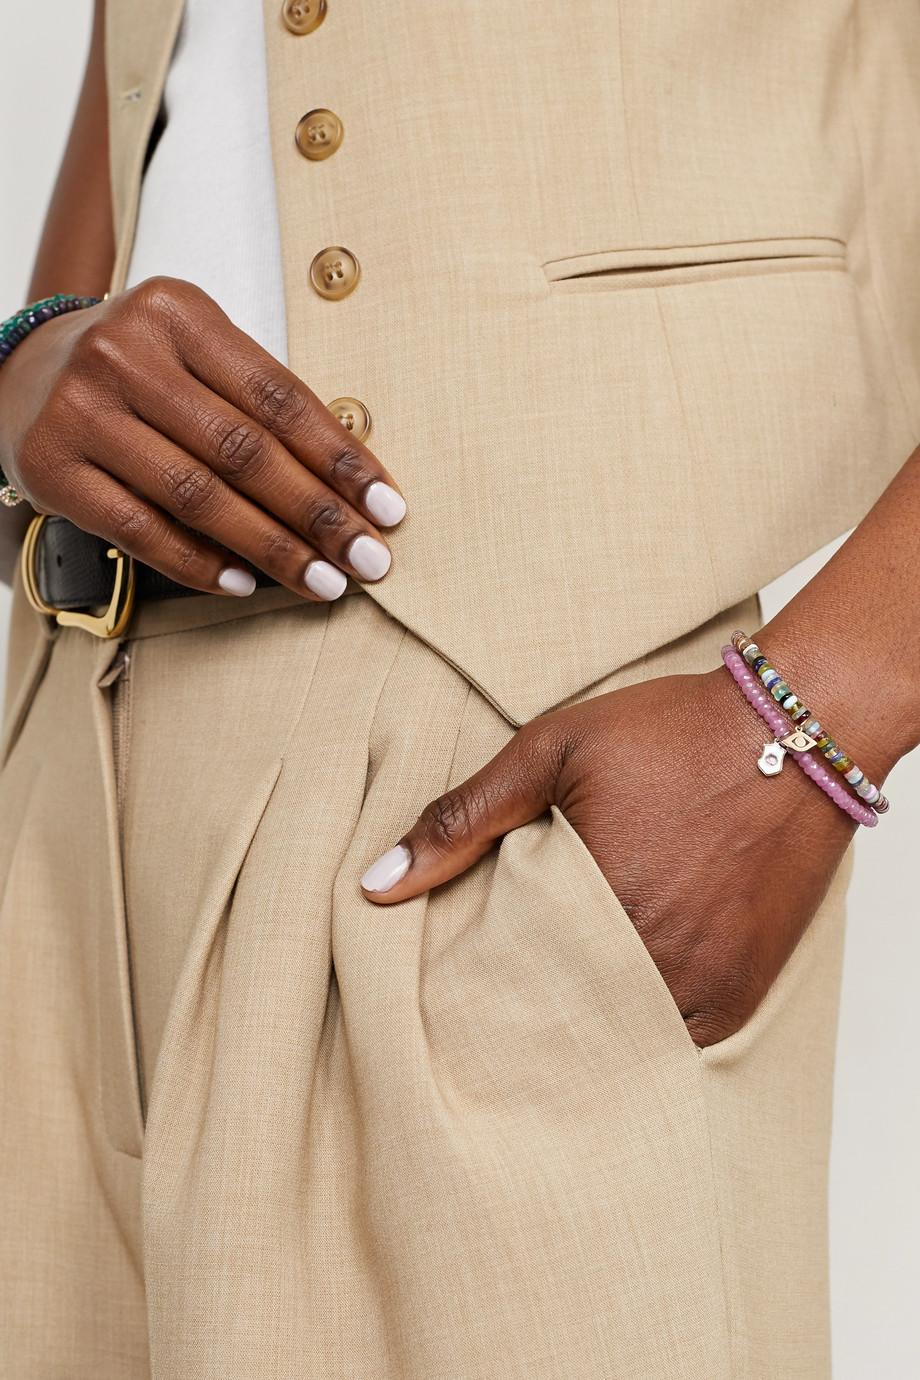 Sydney Evan 14-karat gold, enamel and amethyst bracelet